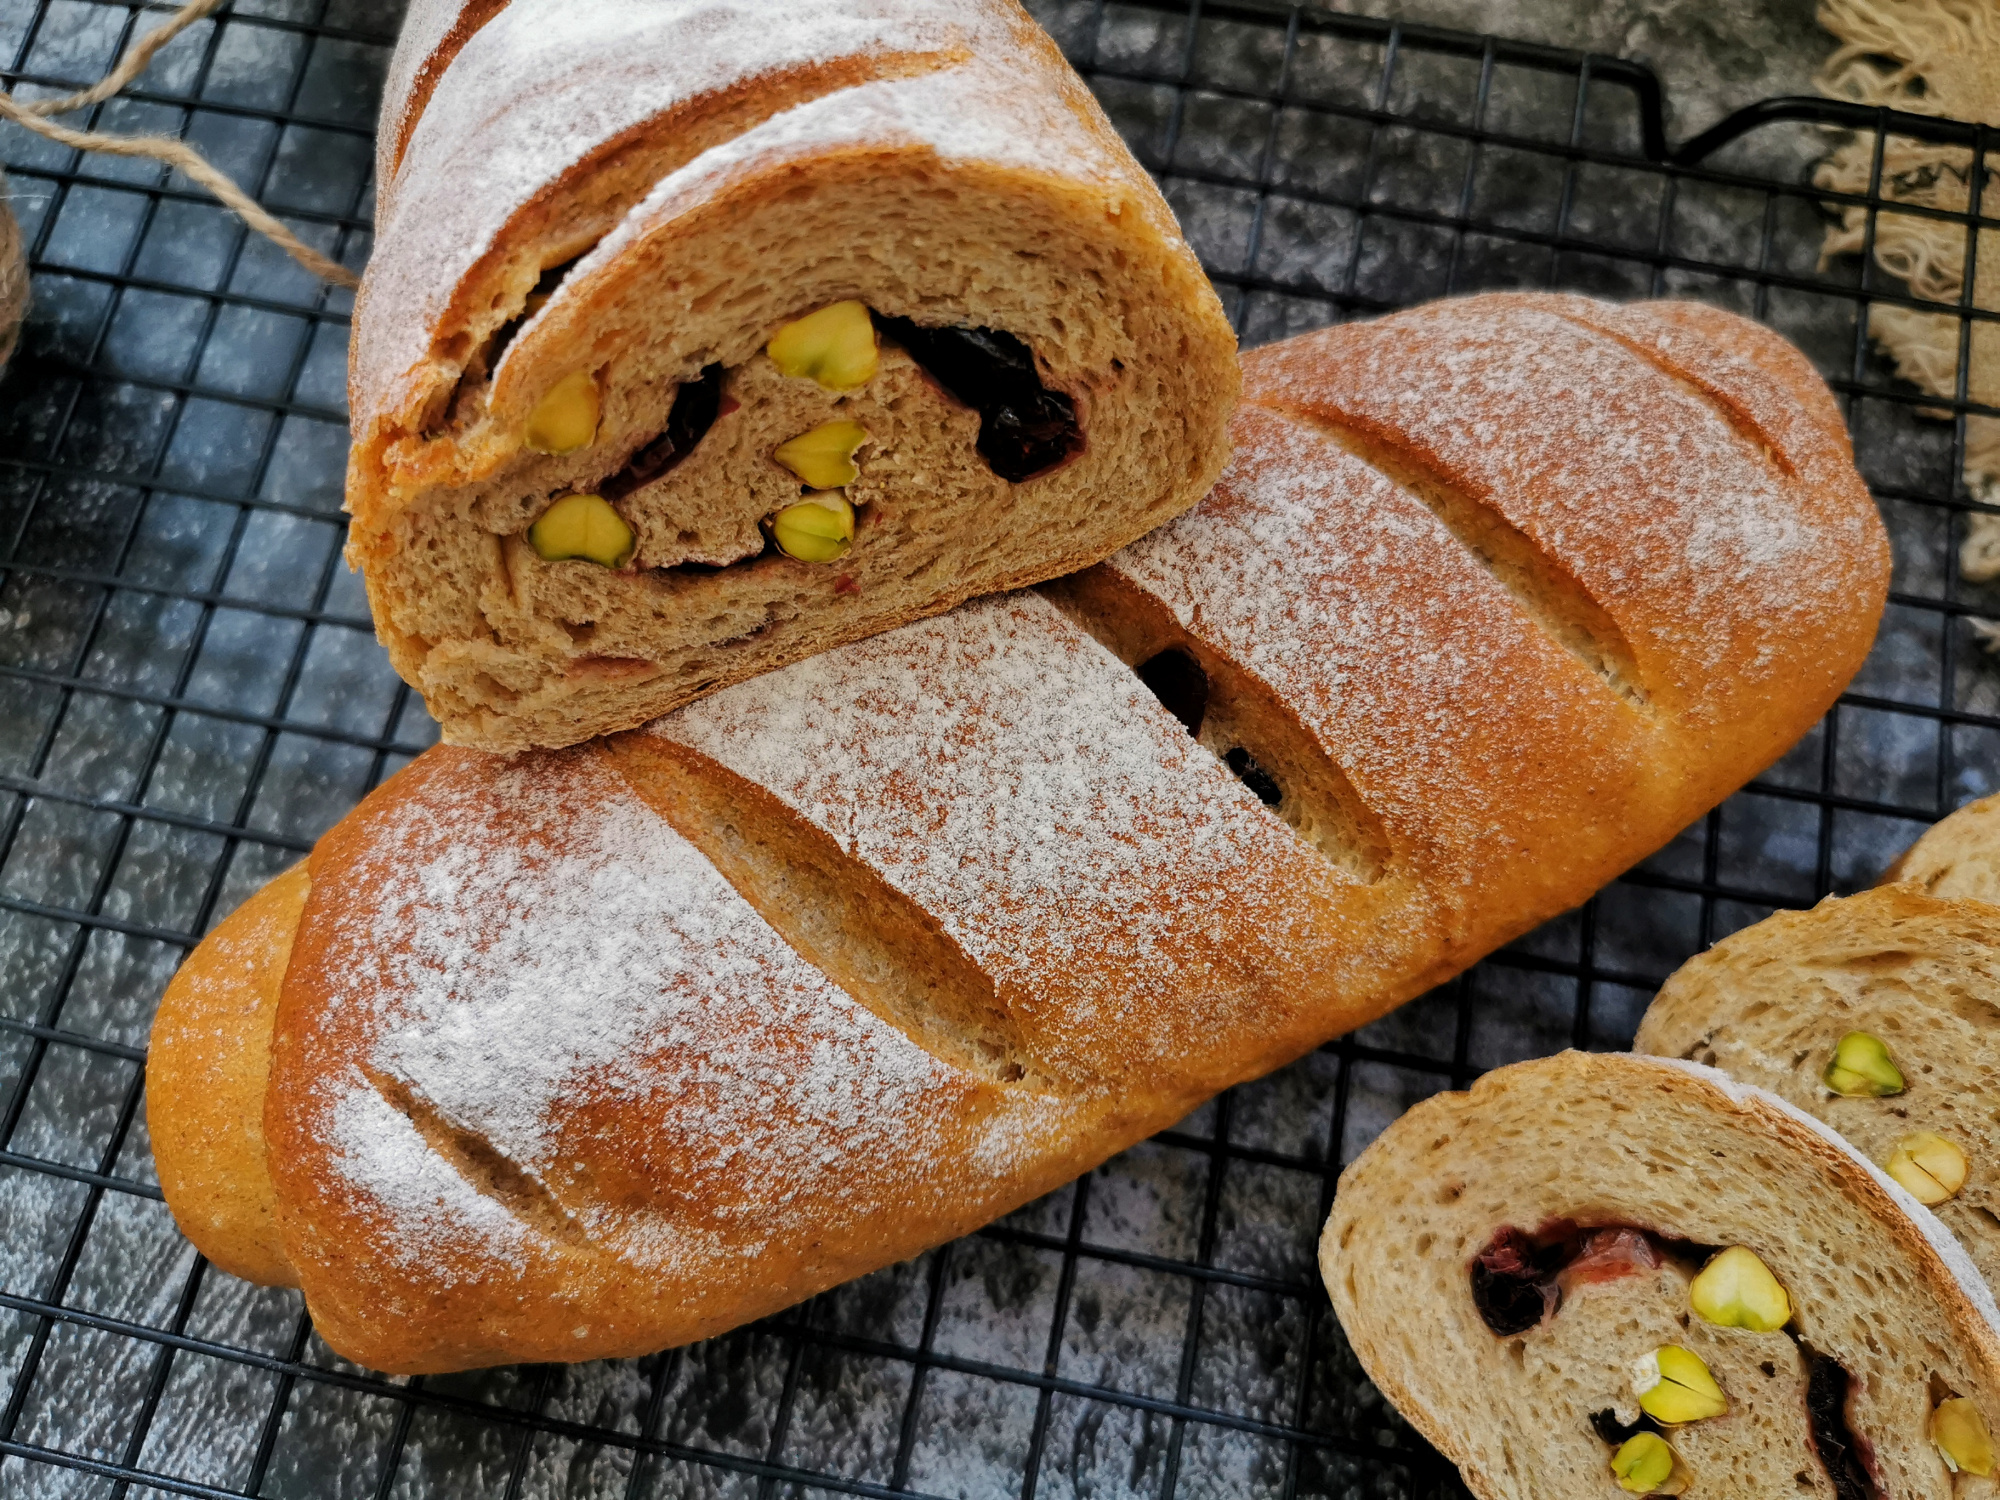 啤酒用來做麵包,麥香濃郁超柔軟,低糖少油,適合減肥吃